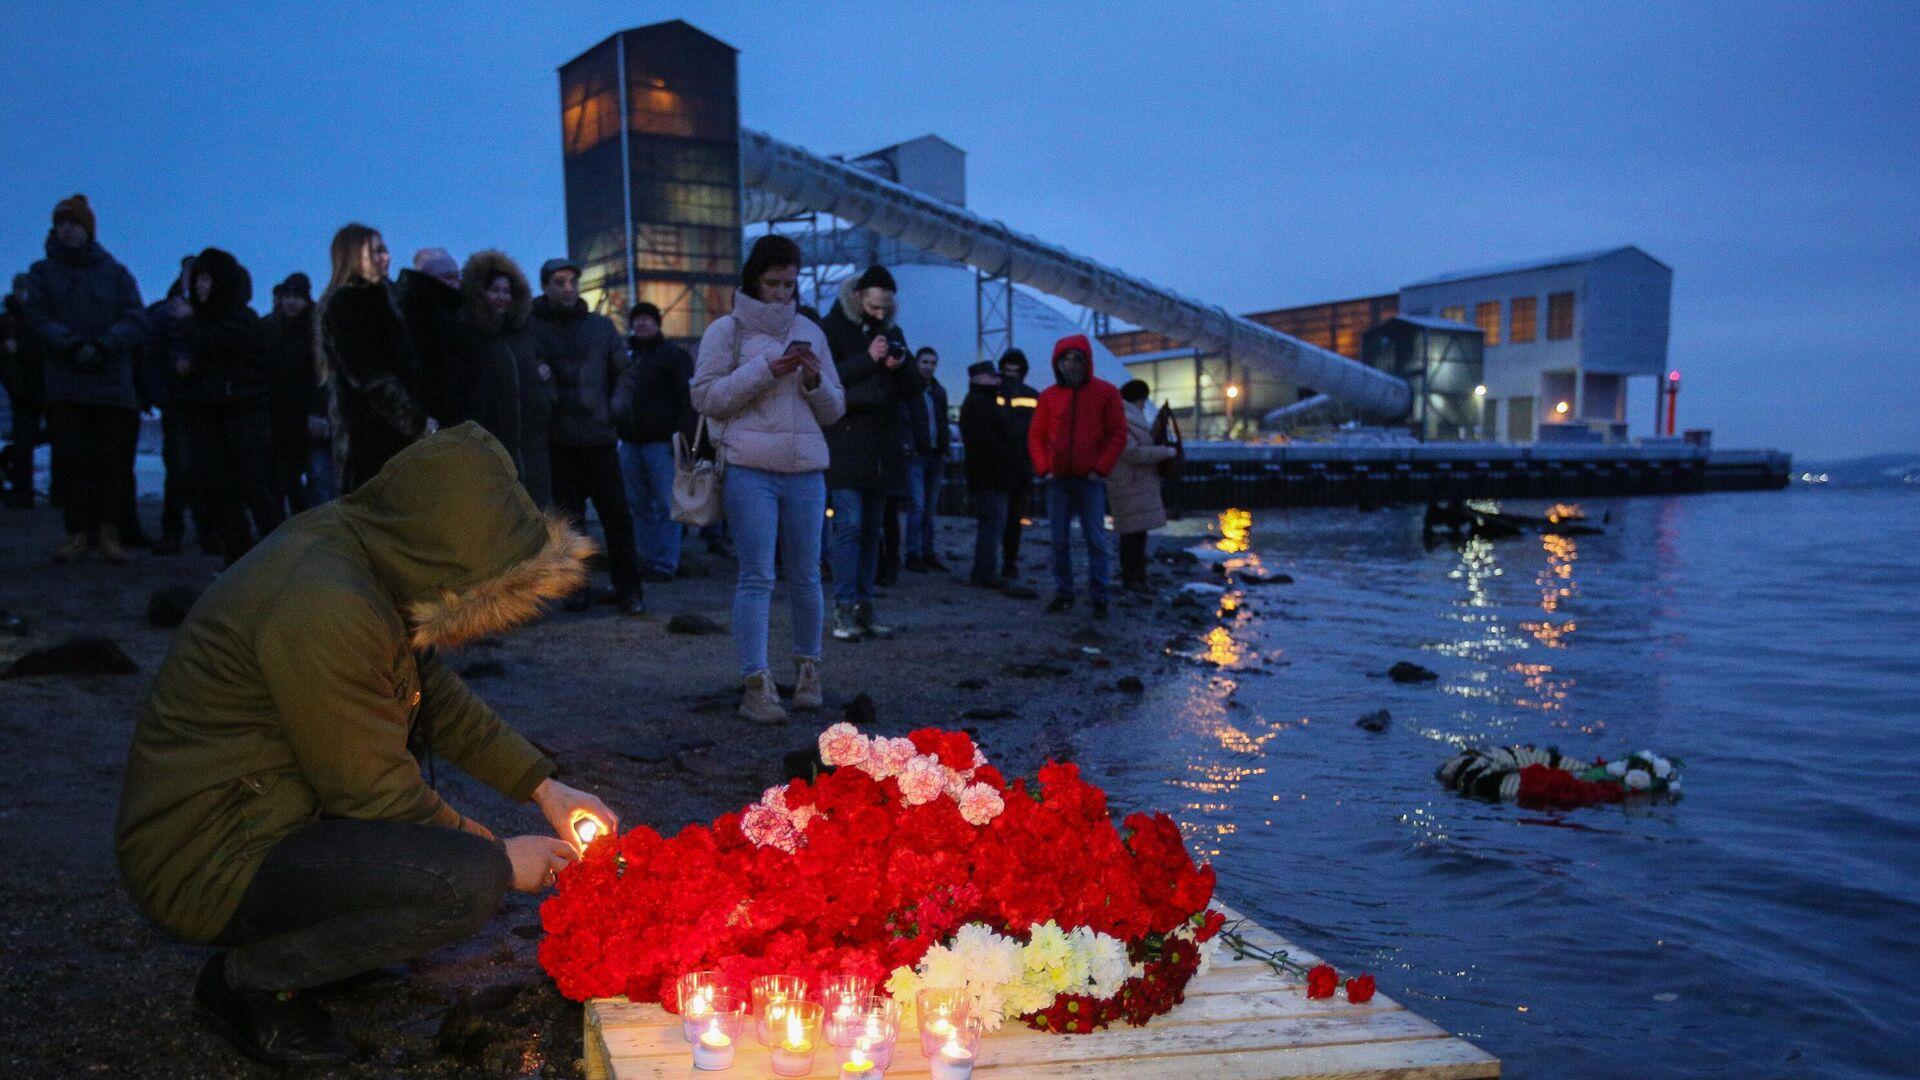 Стихийный мемориал, организованный жителями Мурманска в память о моряках судна Онега на пирсе на Нижне-Ростинском шоссе в Мурманске - РИА Новости, 1920, 14.01.2021